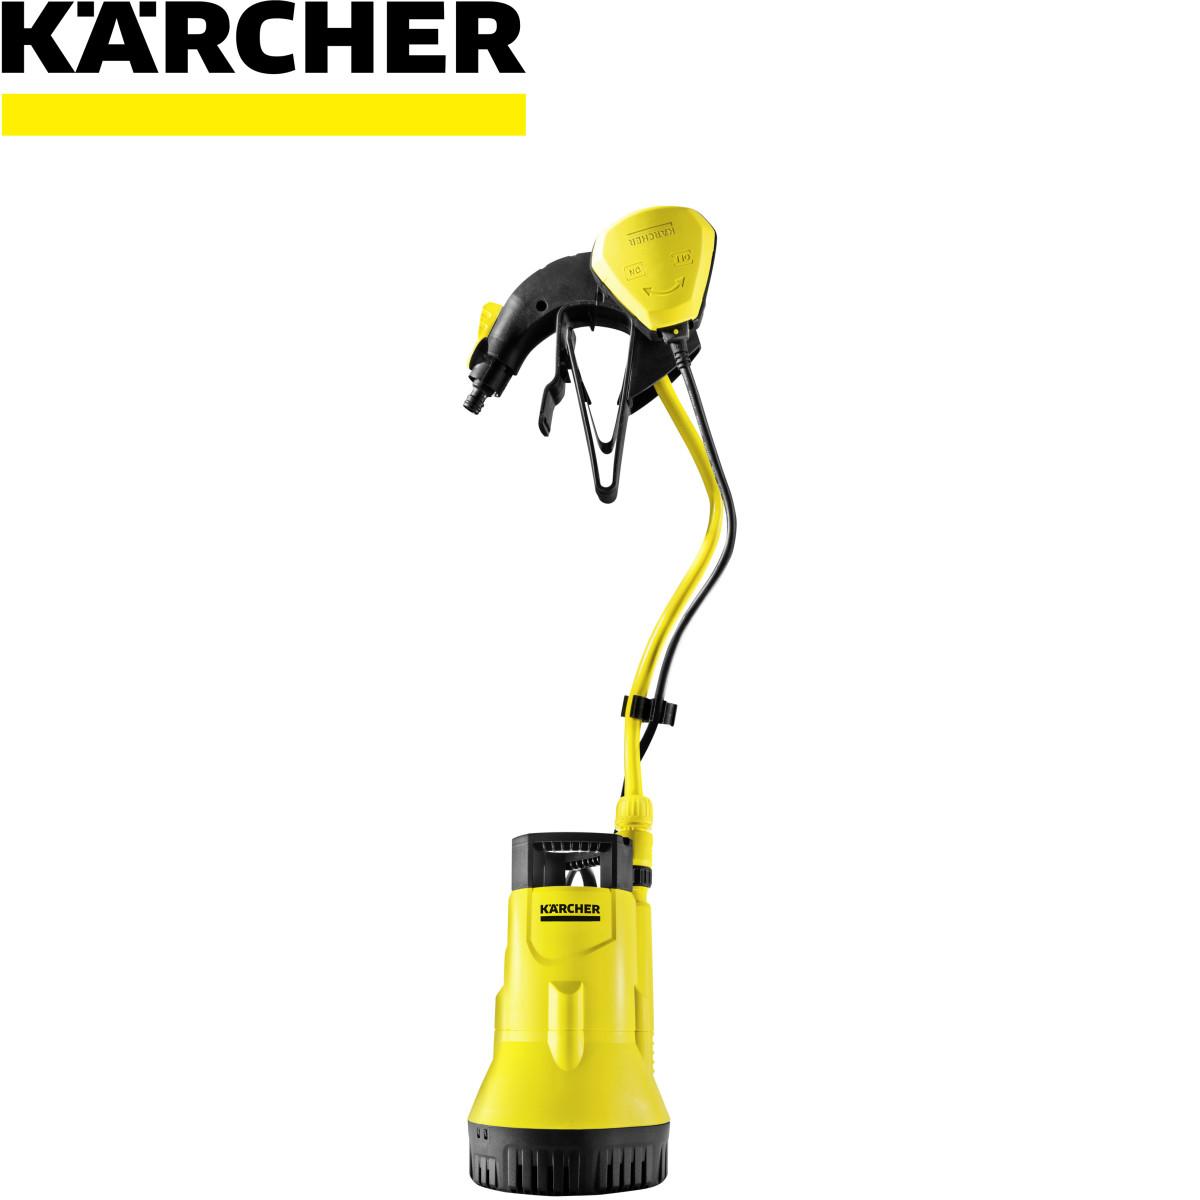 Насос садовый для полива из бочки Karcher BP 1 Barrel 3800 л/час